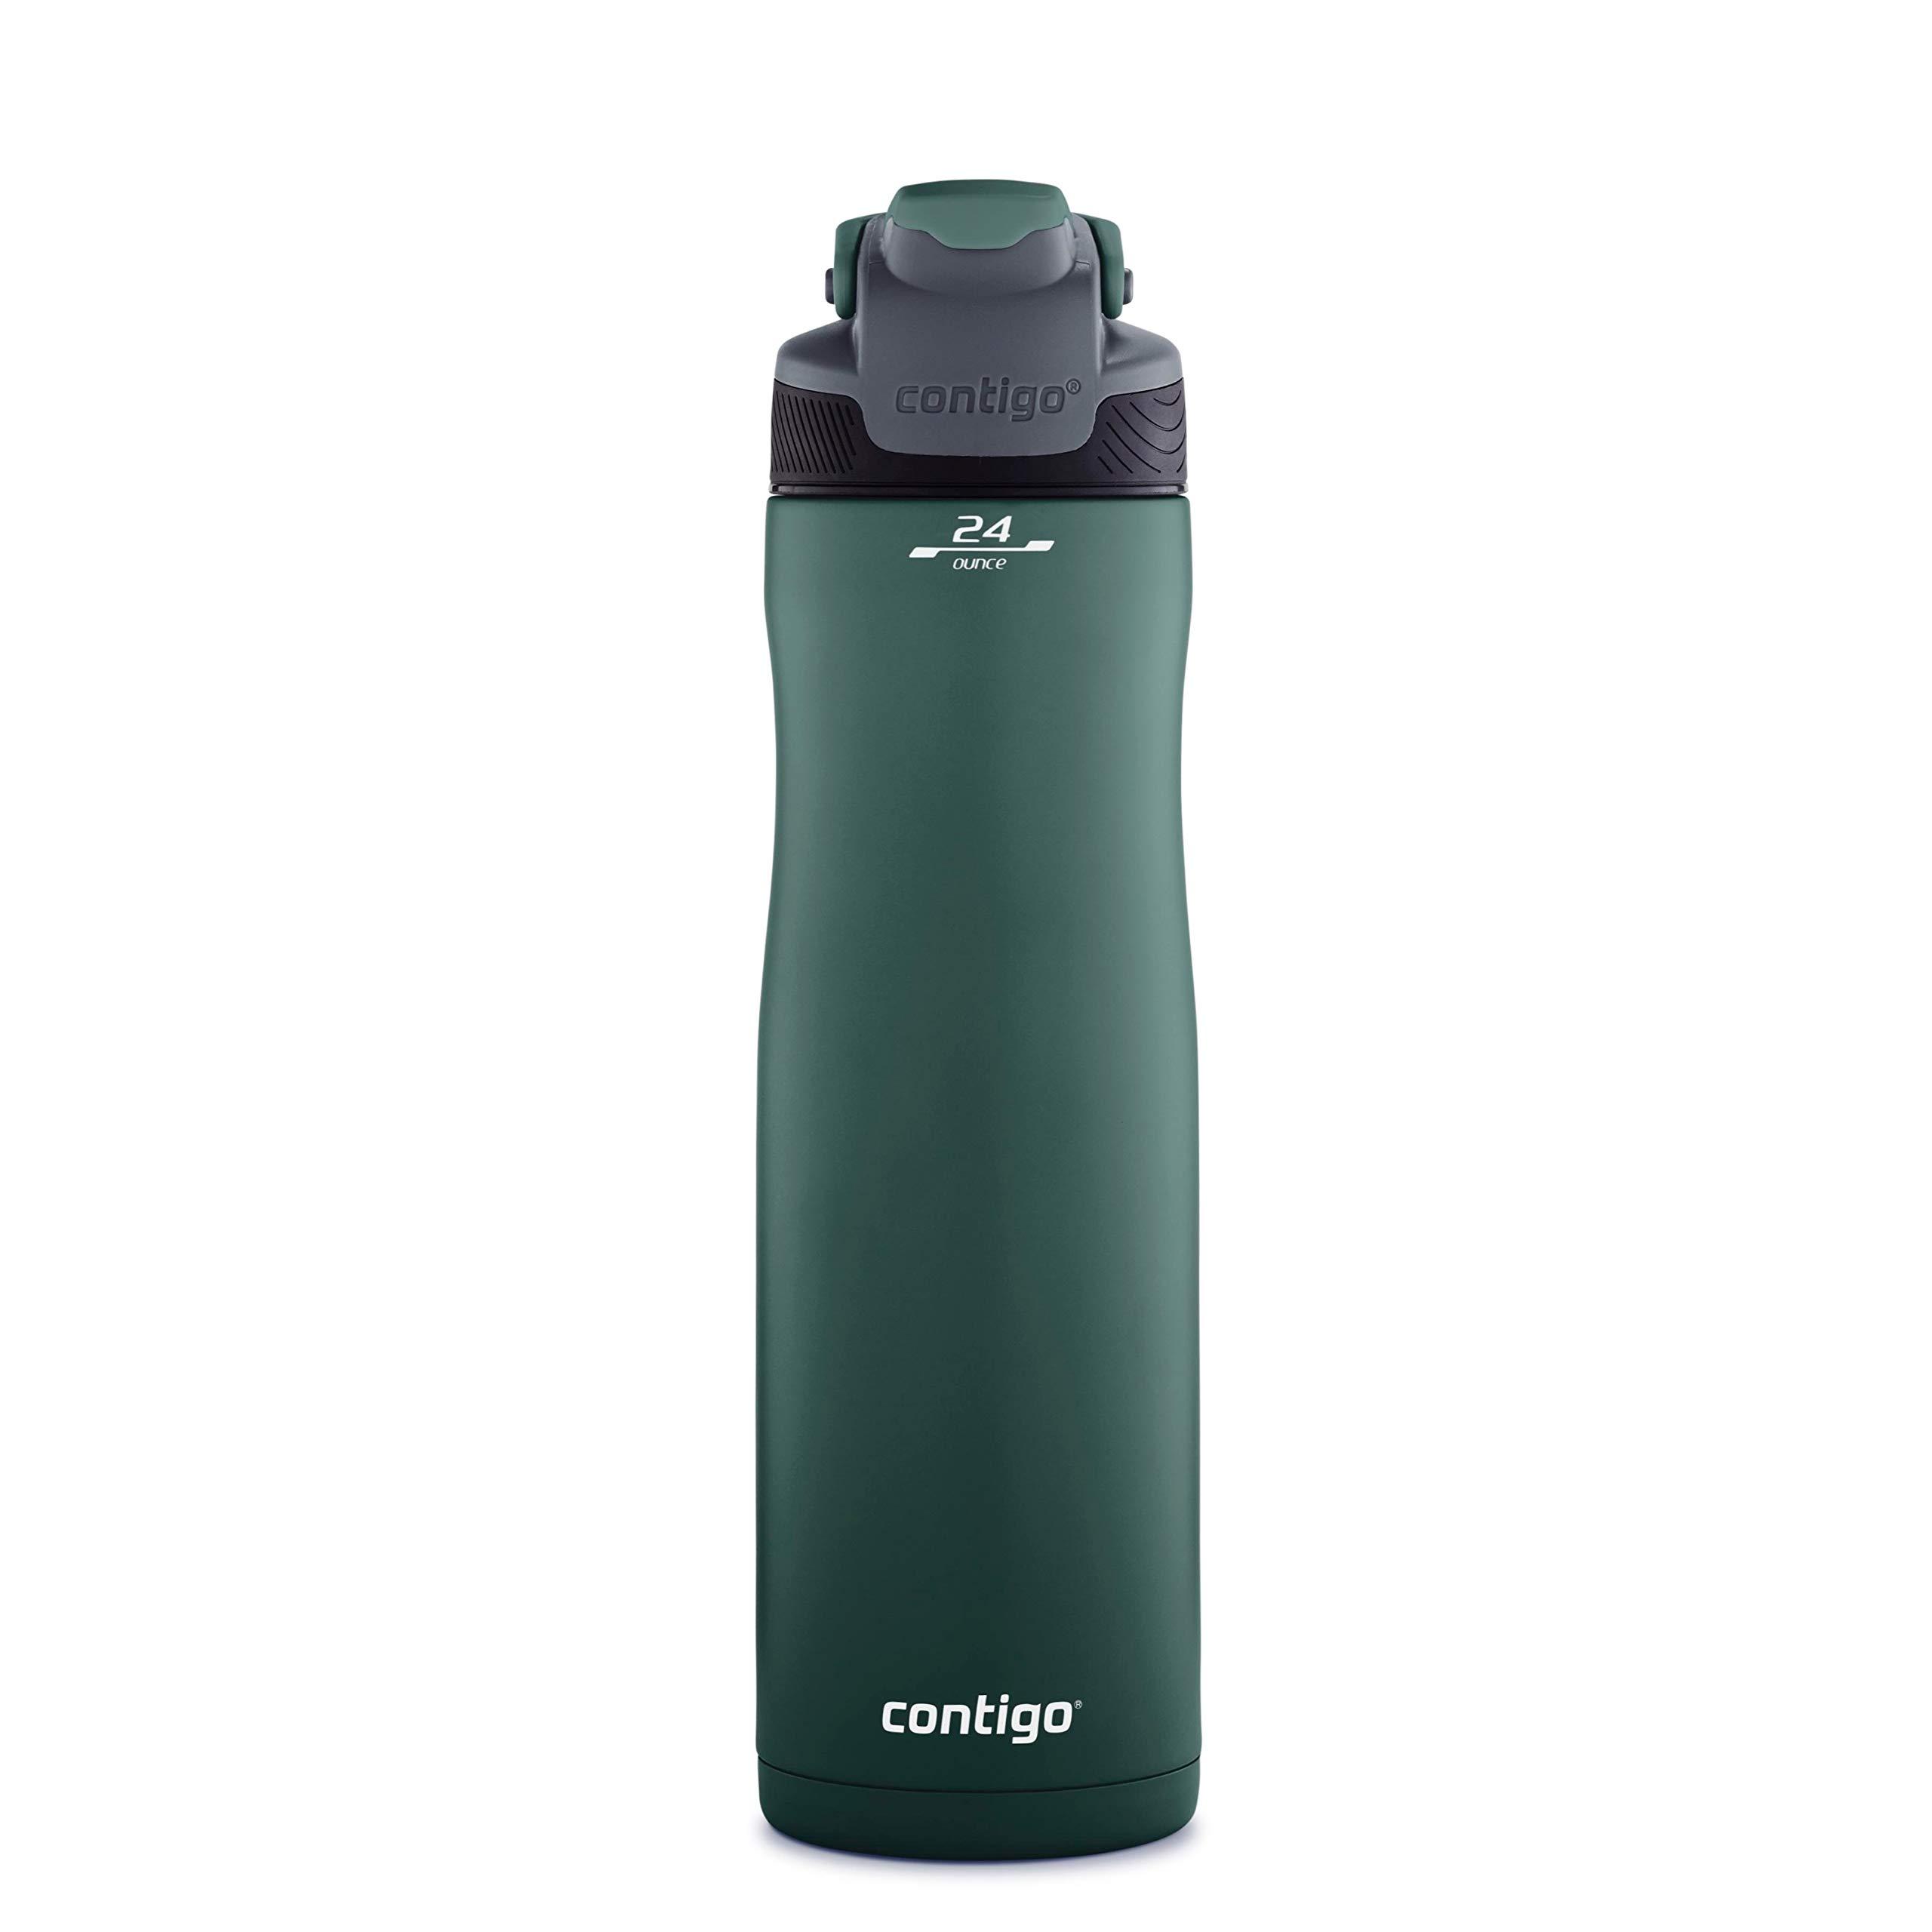 Contigo 2063296 Autoseal Chill Water Bottle, 24 oz, Chard by Contigo